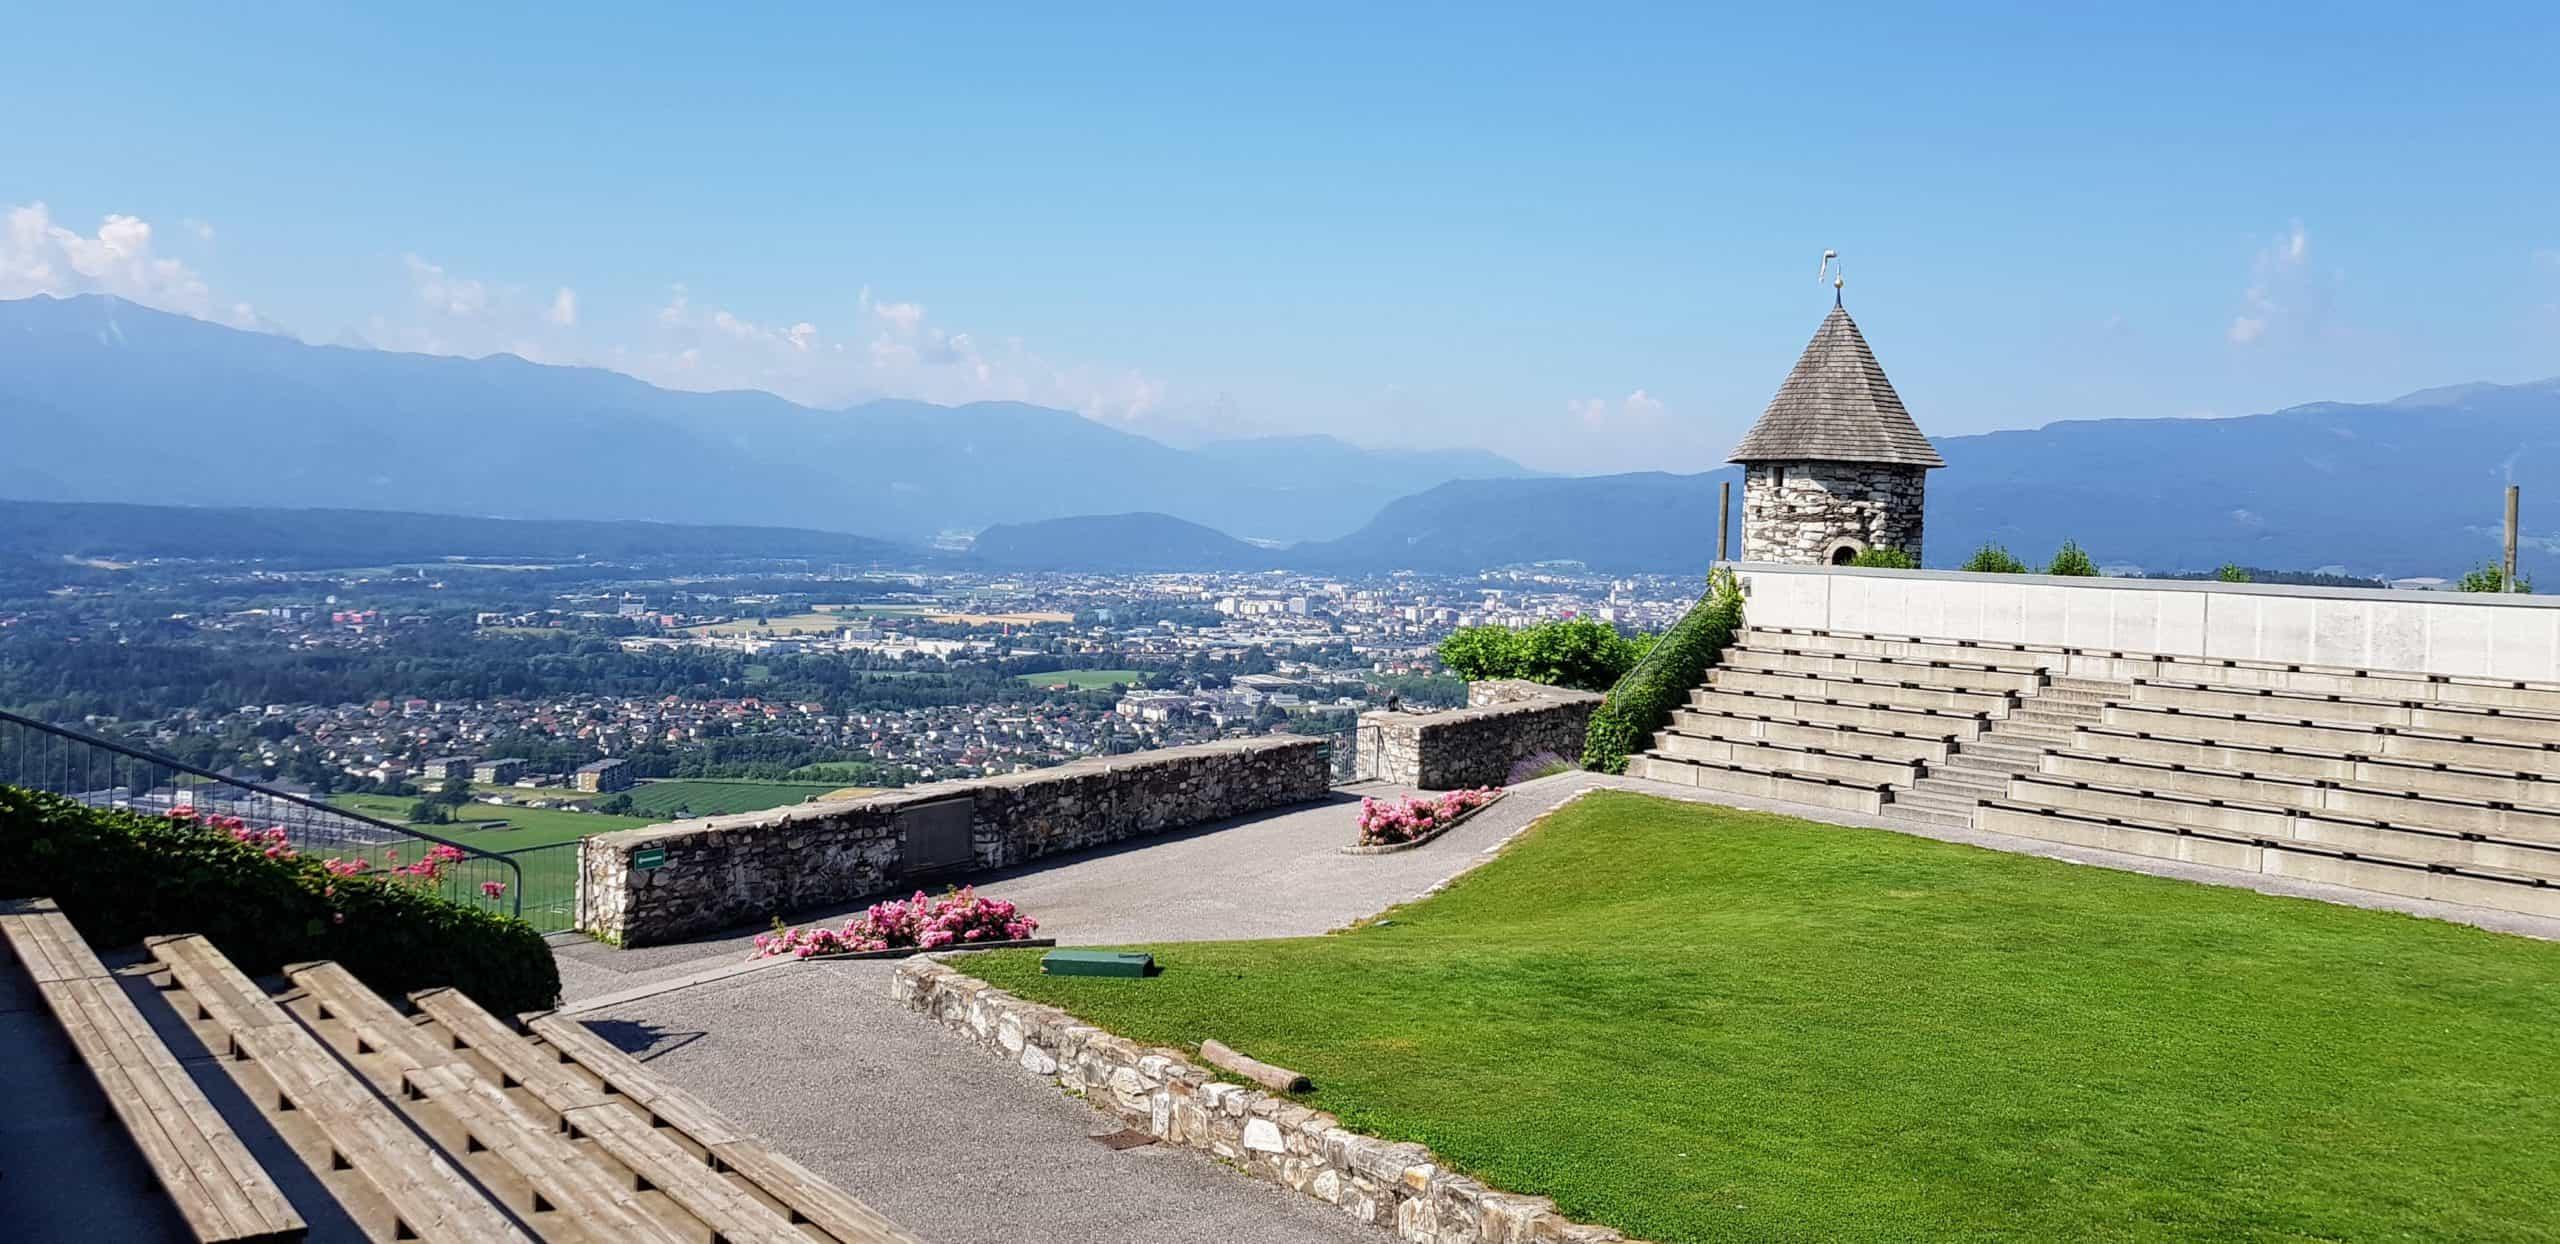 Adlerarena Burg Landskron mit Blick auf Villach - Sehenswürdigkeit in Kärnten